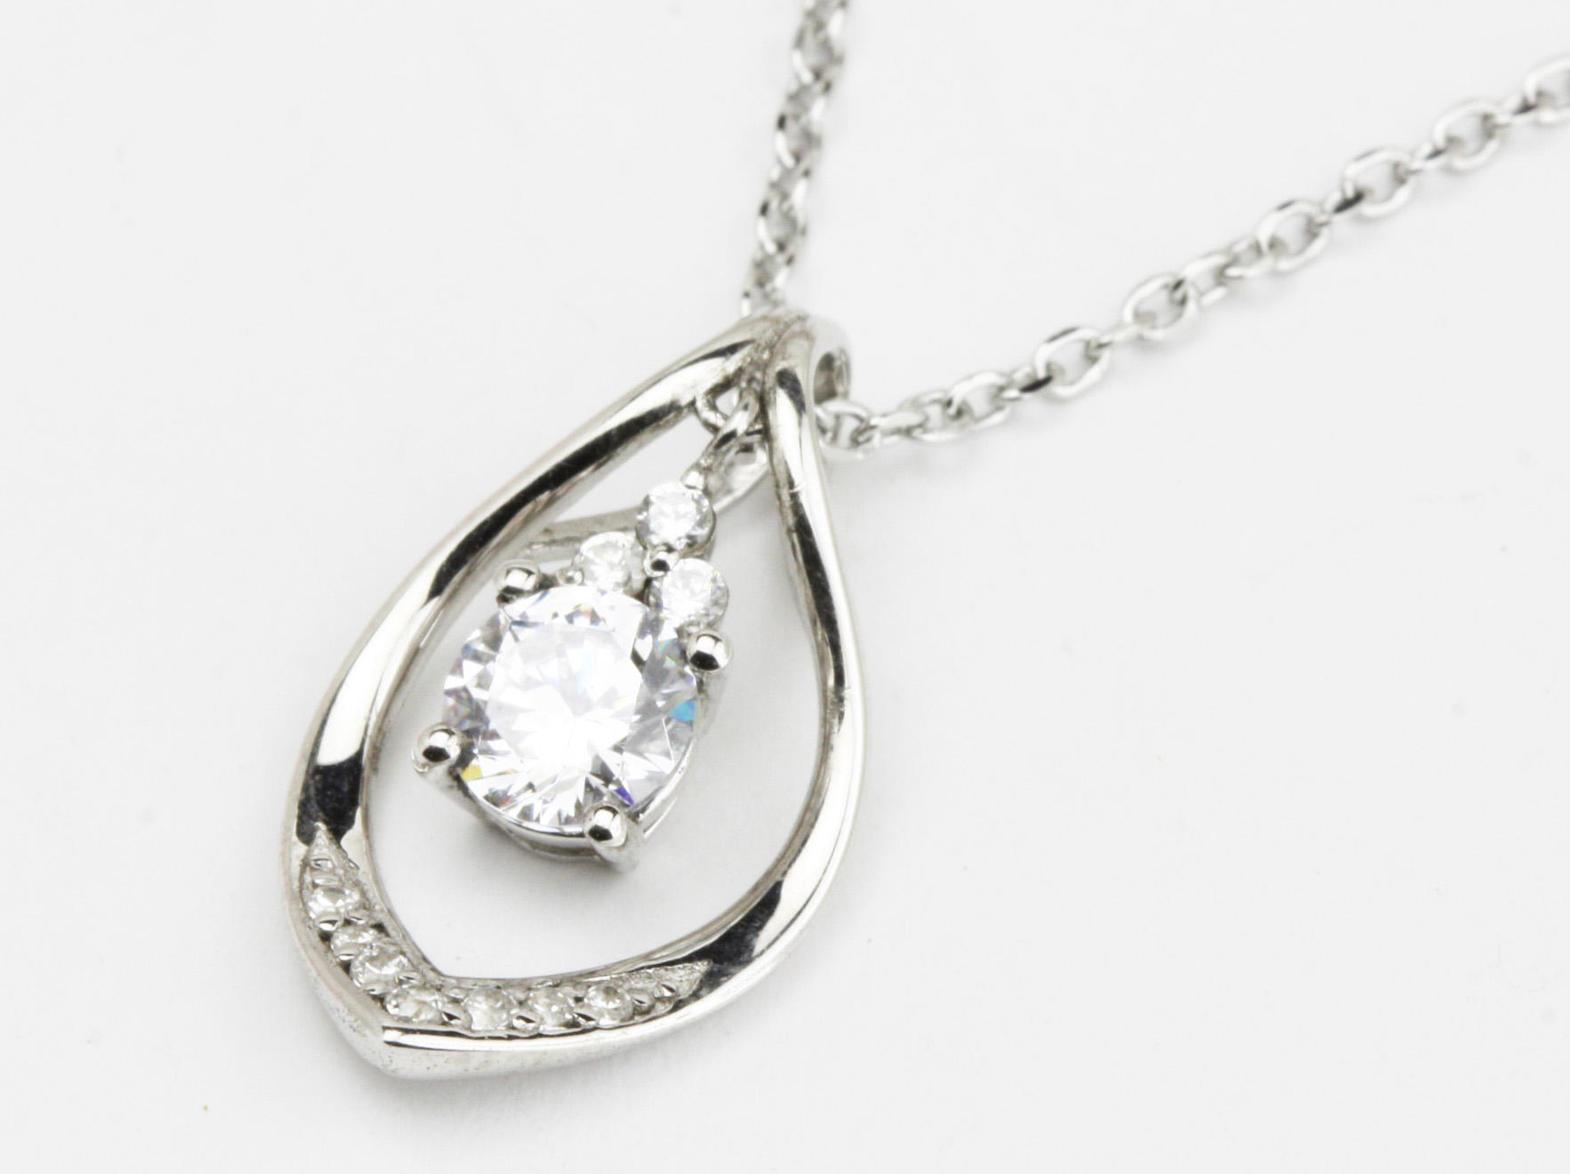 揺れるダイヤモンドプチネックのリフォーム